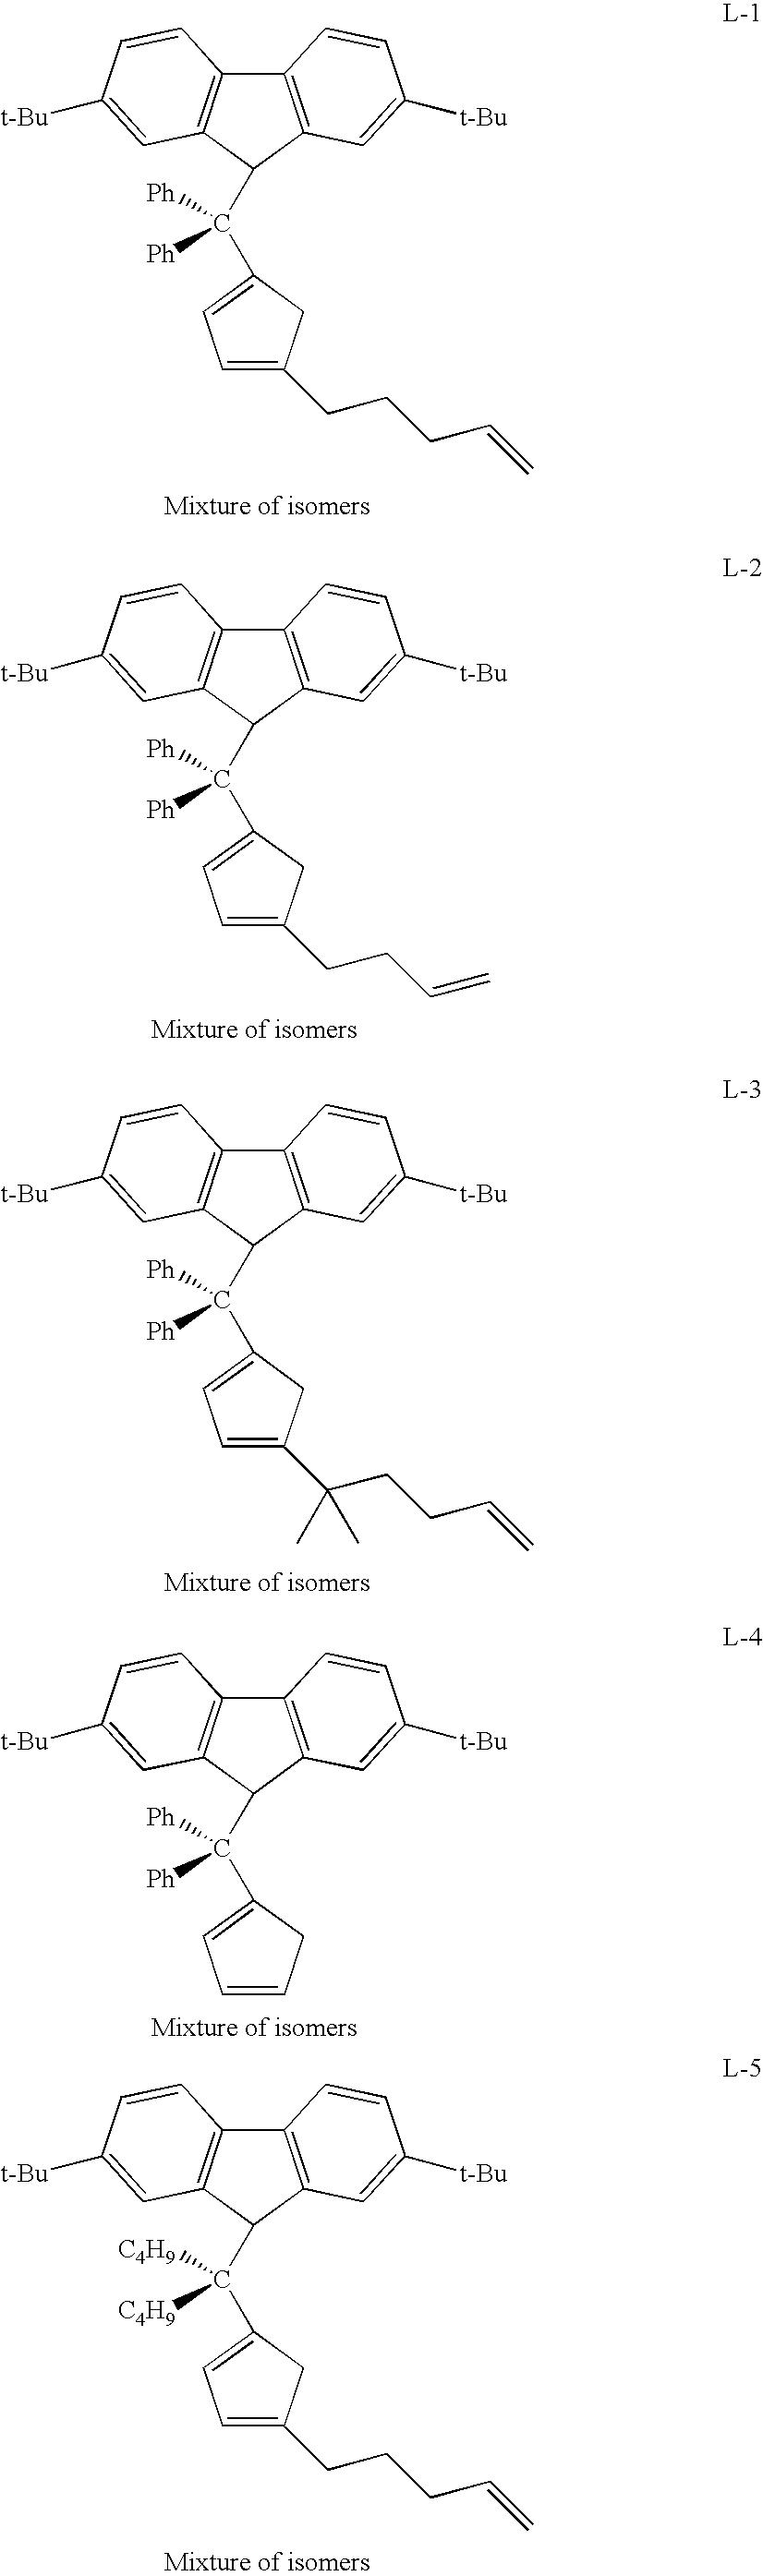 Figure US07517939-20090414-C00022